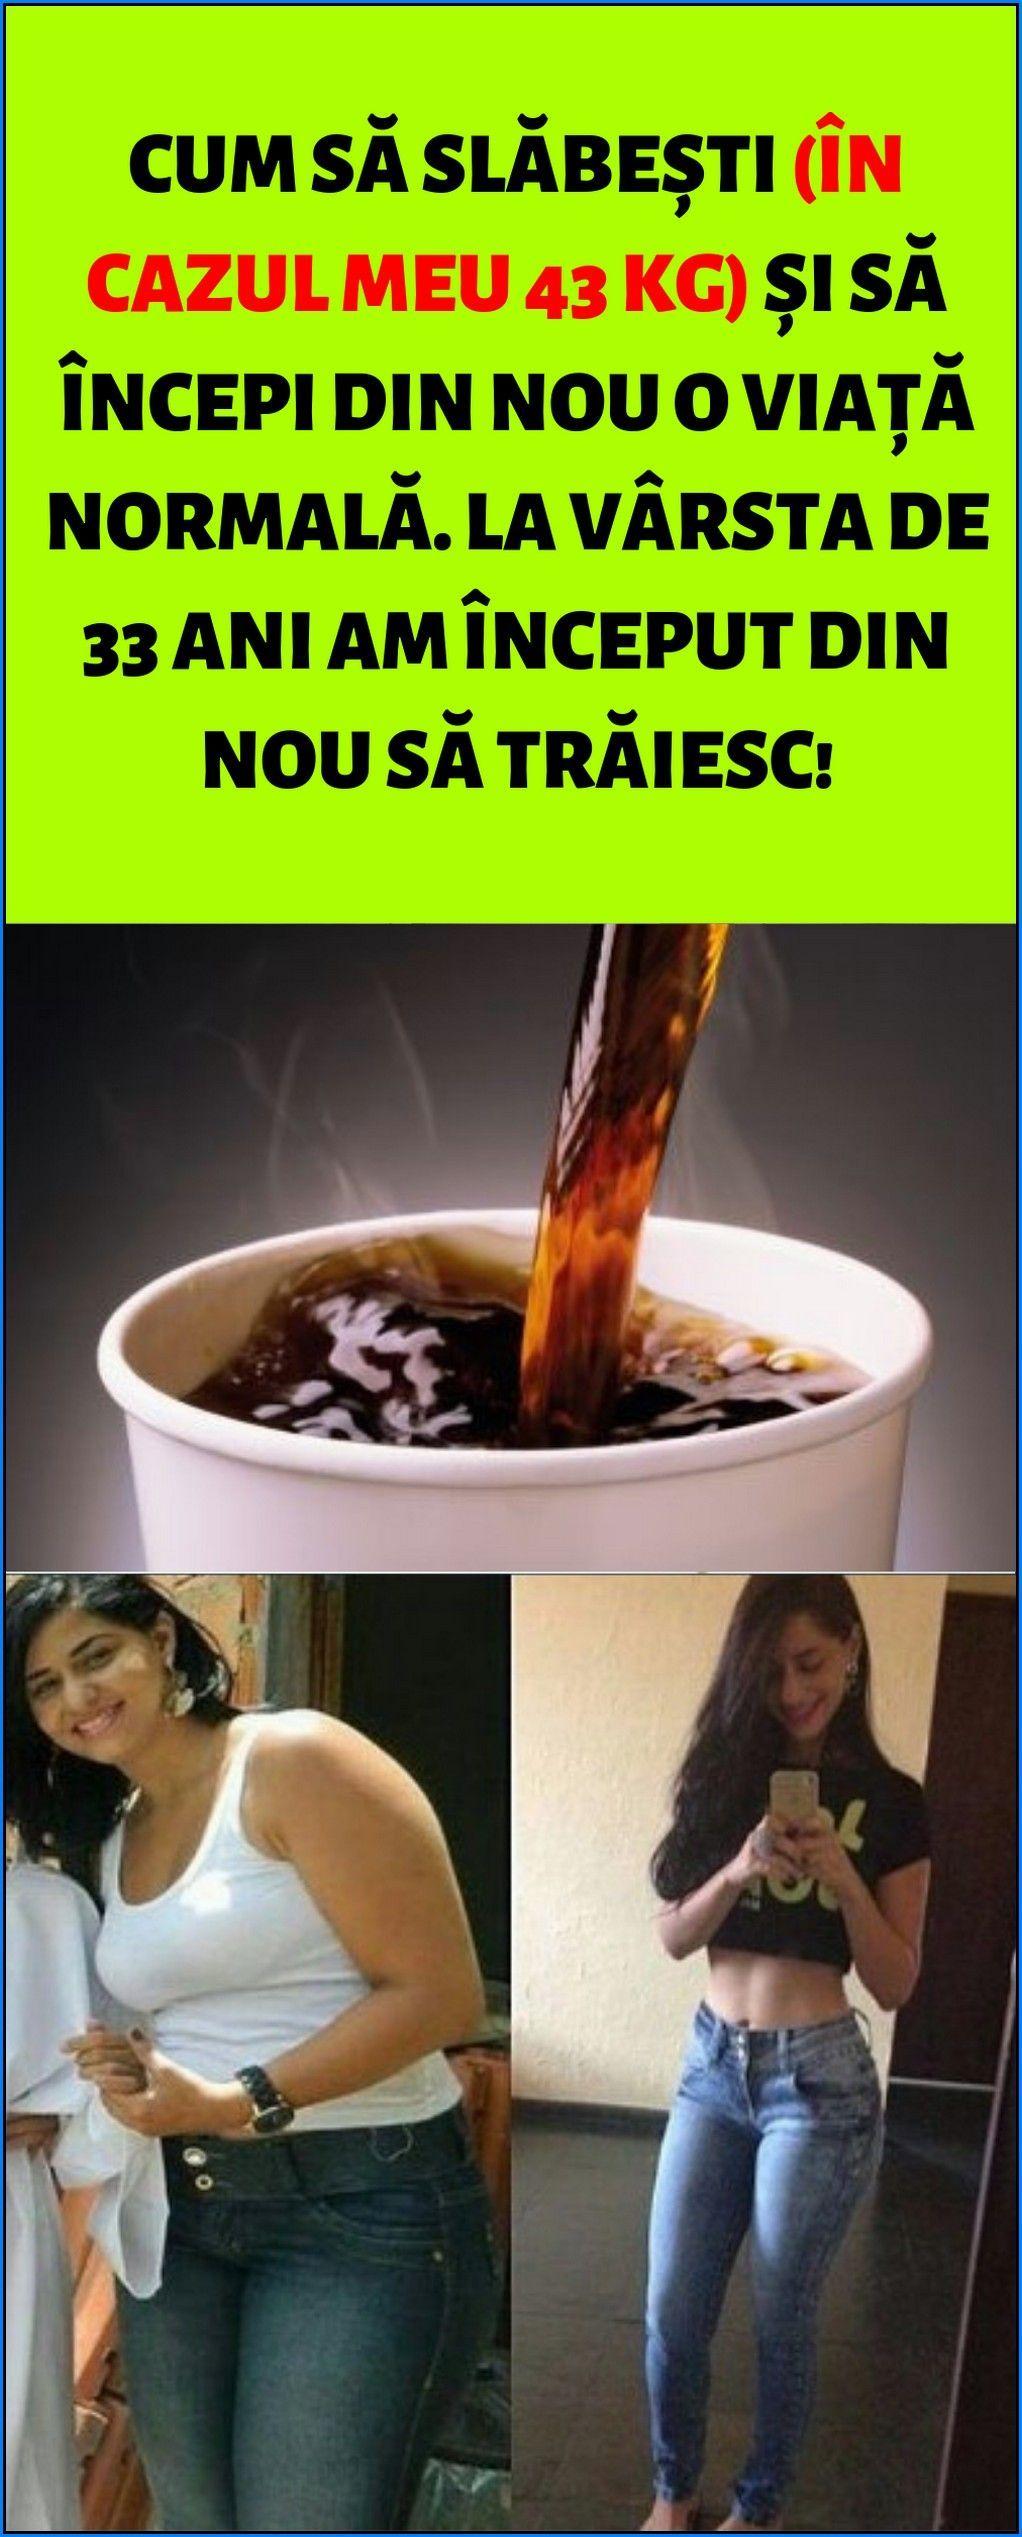 engleză pierdere în greutate ceai)